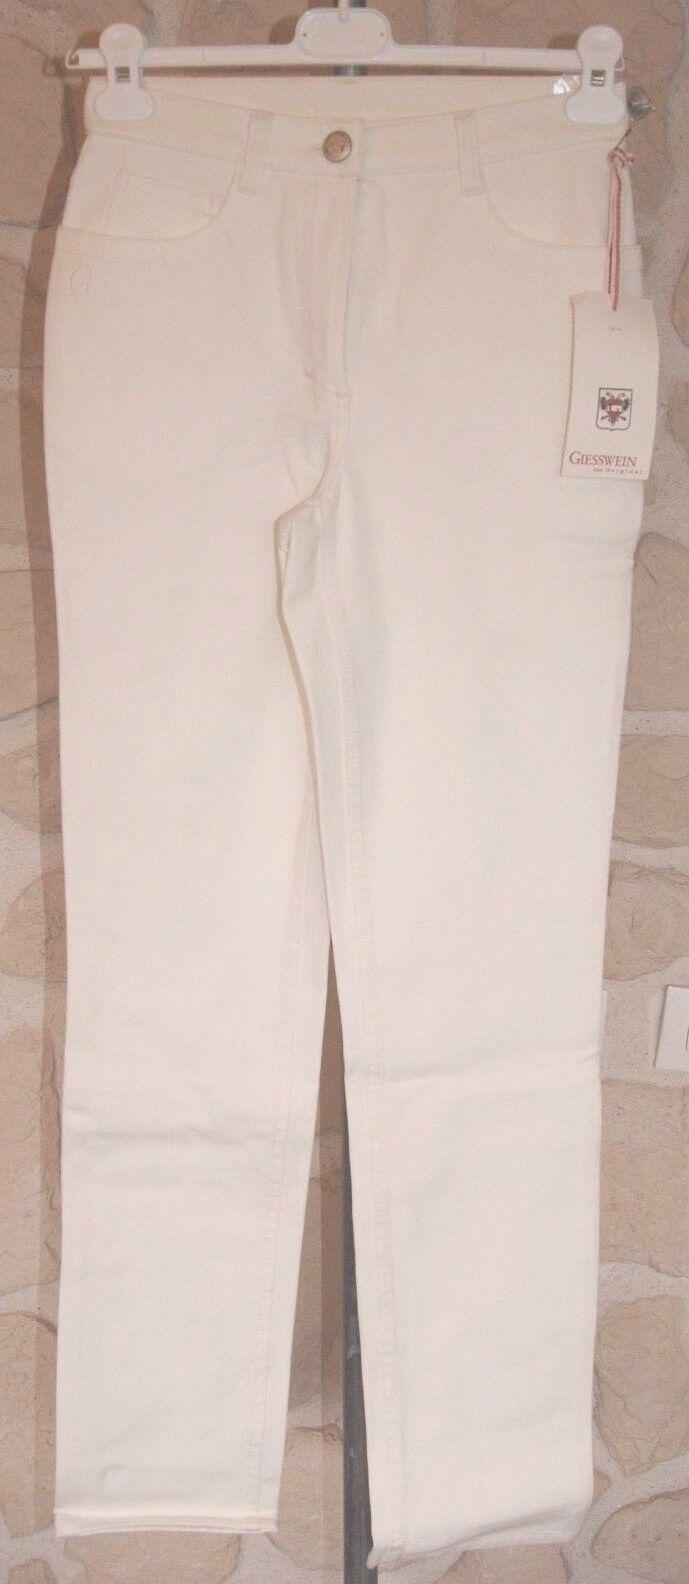 Jeans ivoire neuf size 36 marque Giesswein étiqueté à